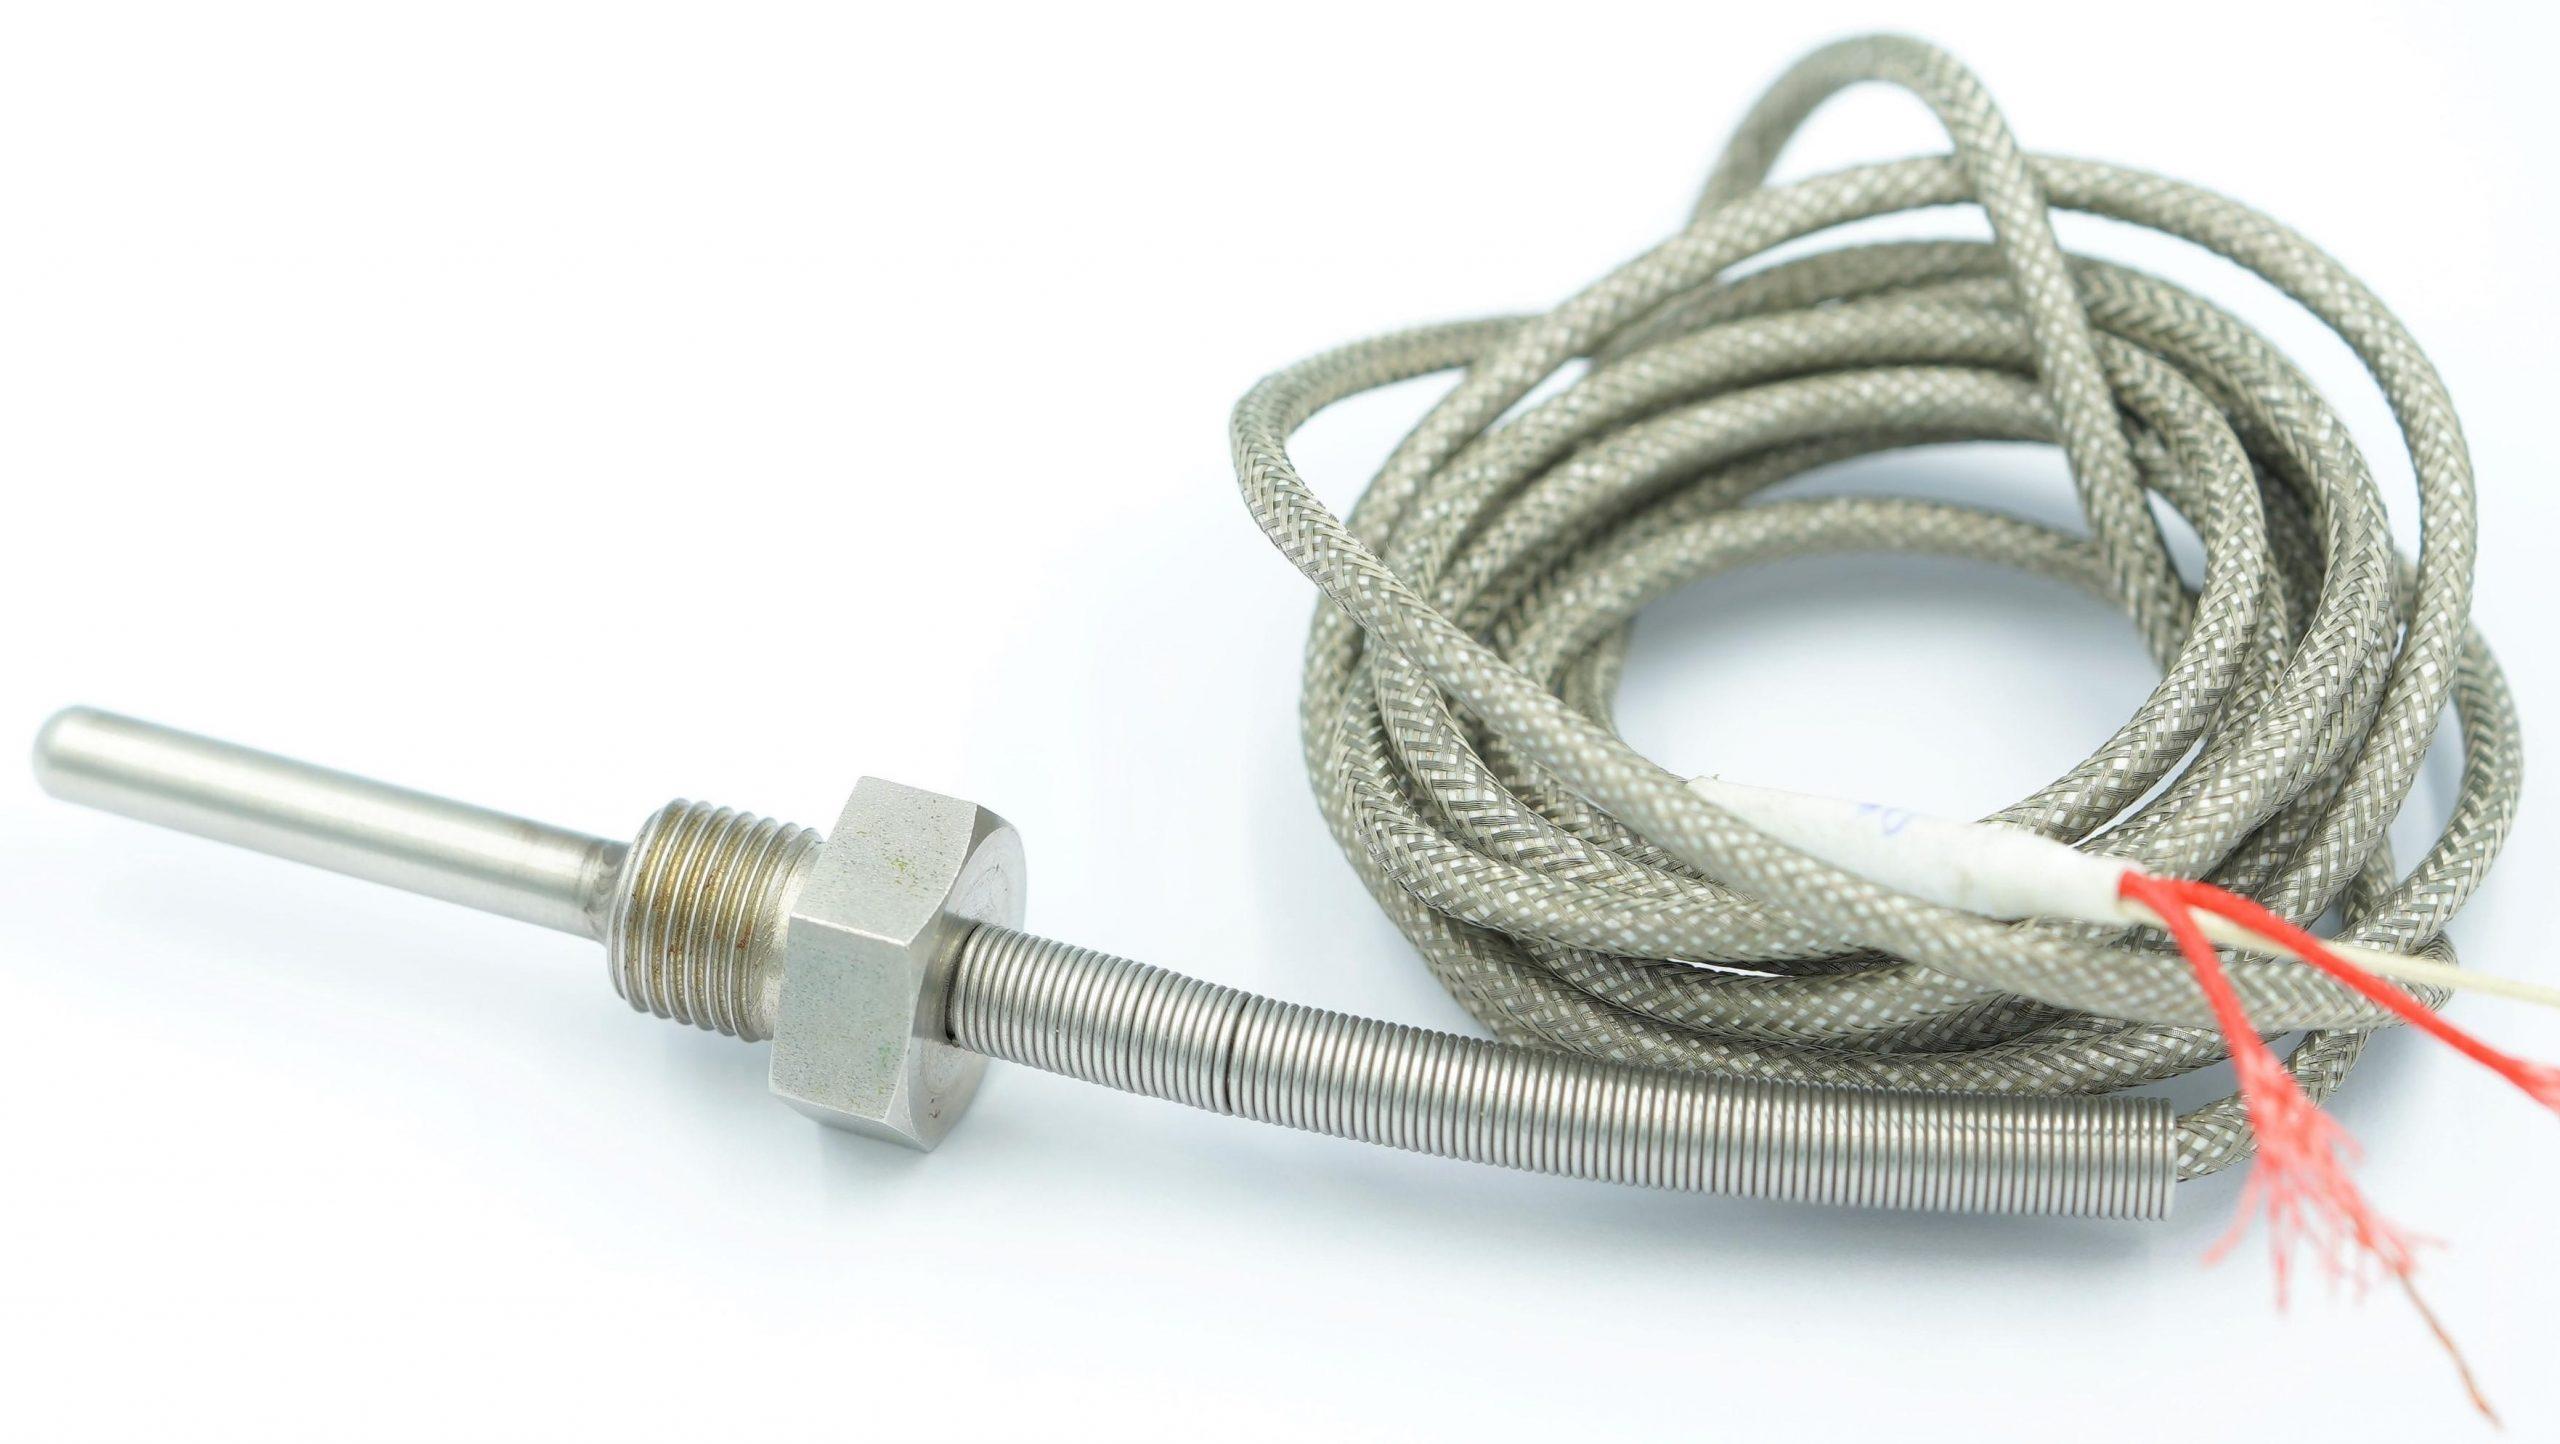 Cảm biến đo nhiệt độ Pt100 loại dây - loại que